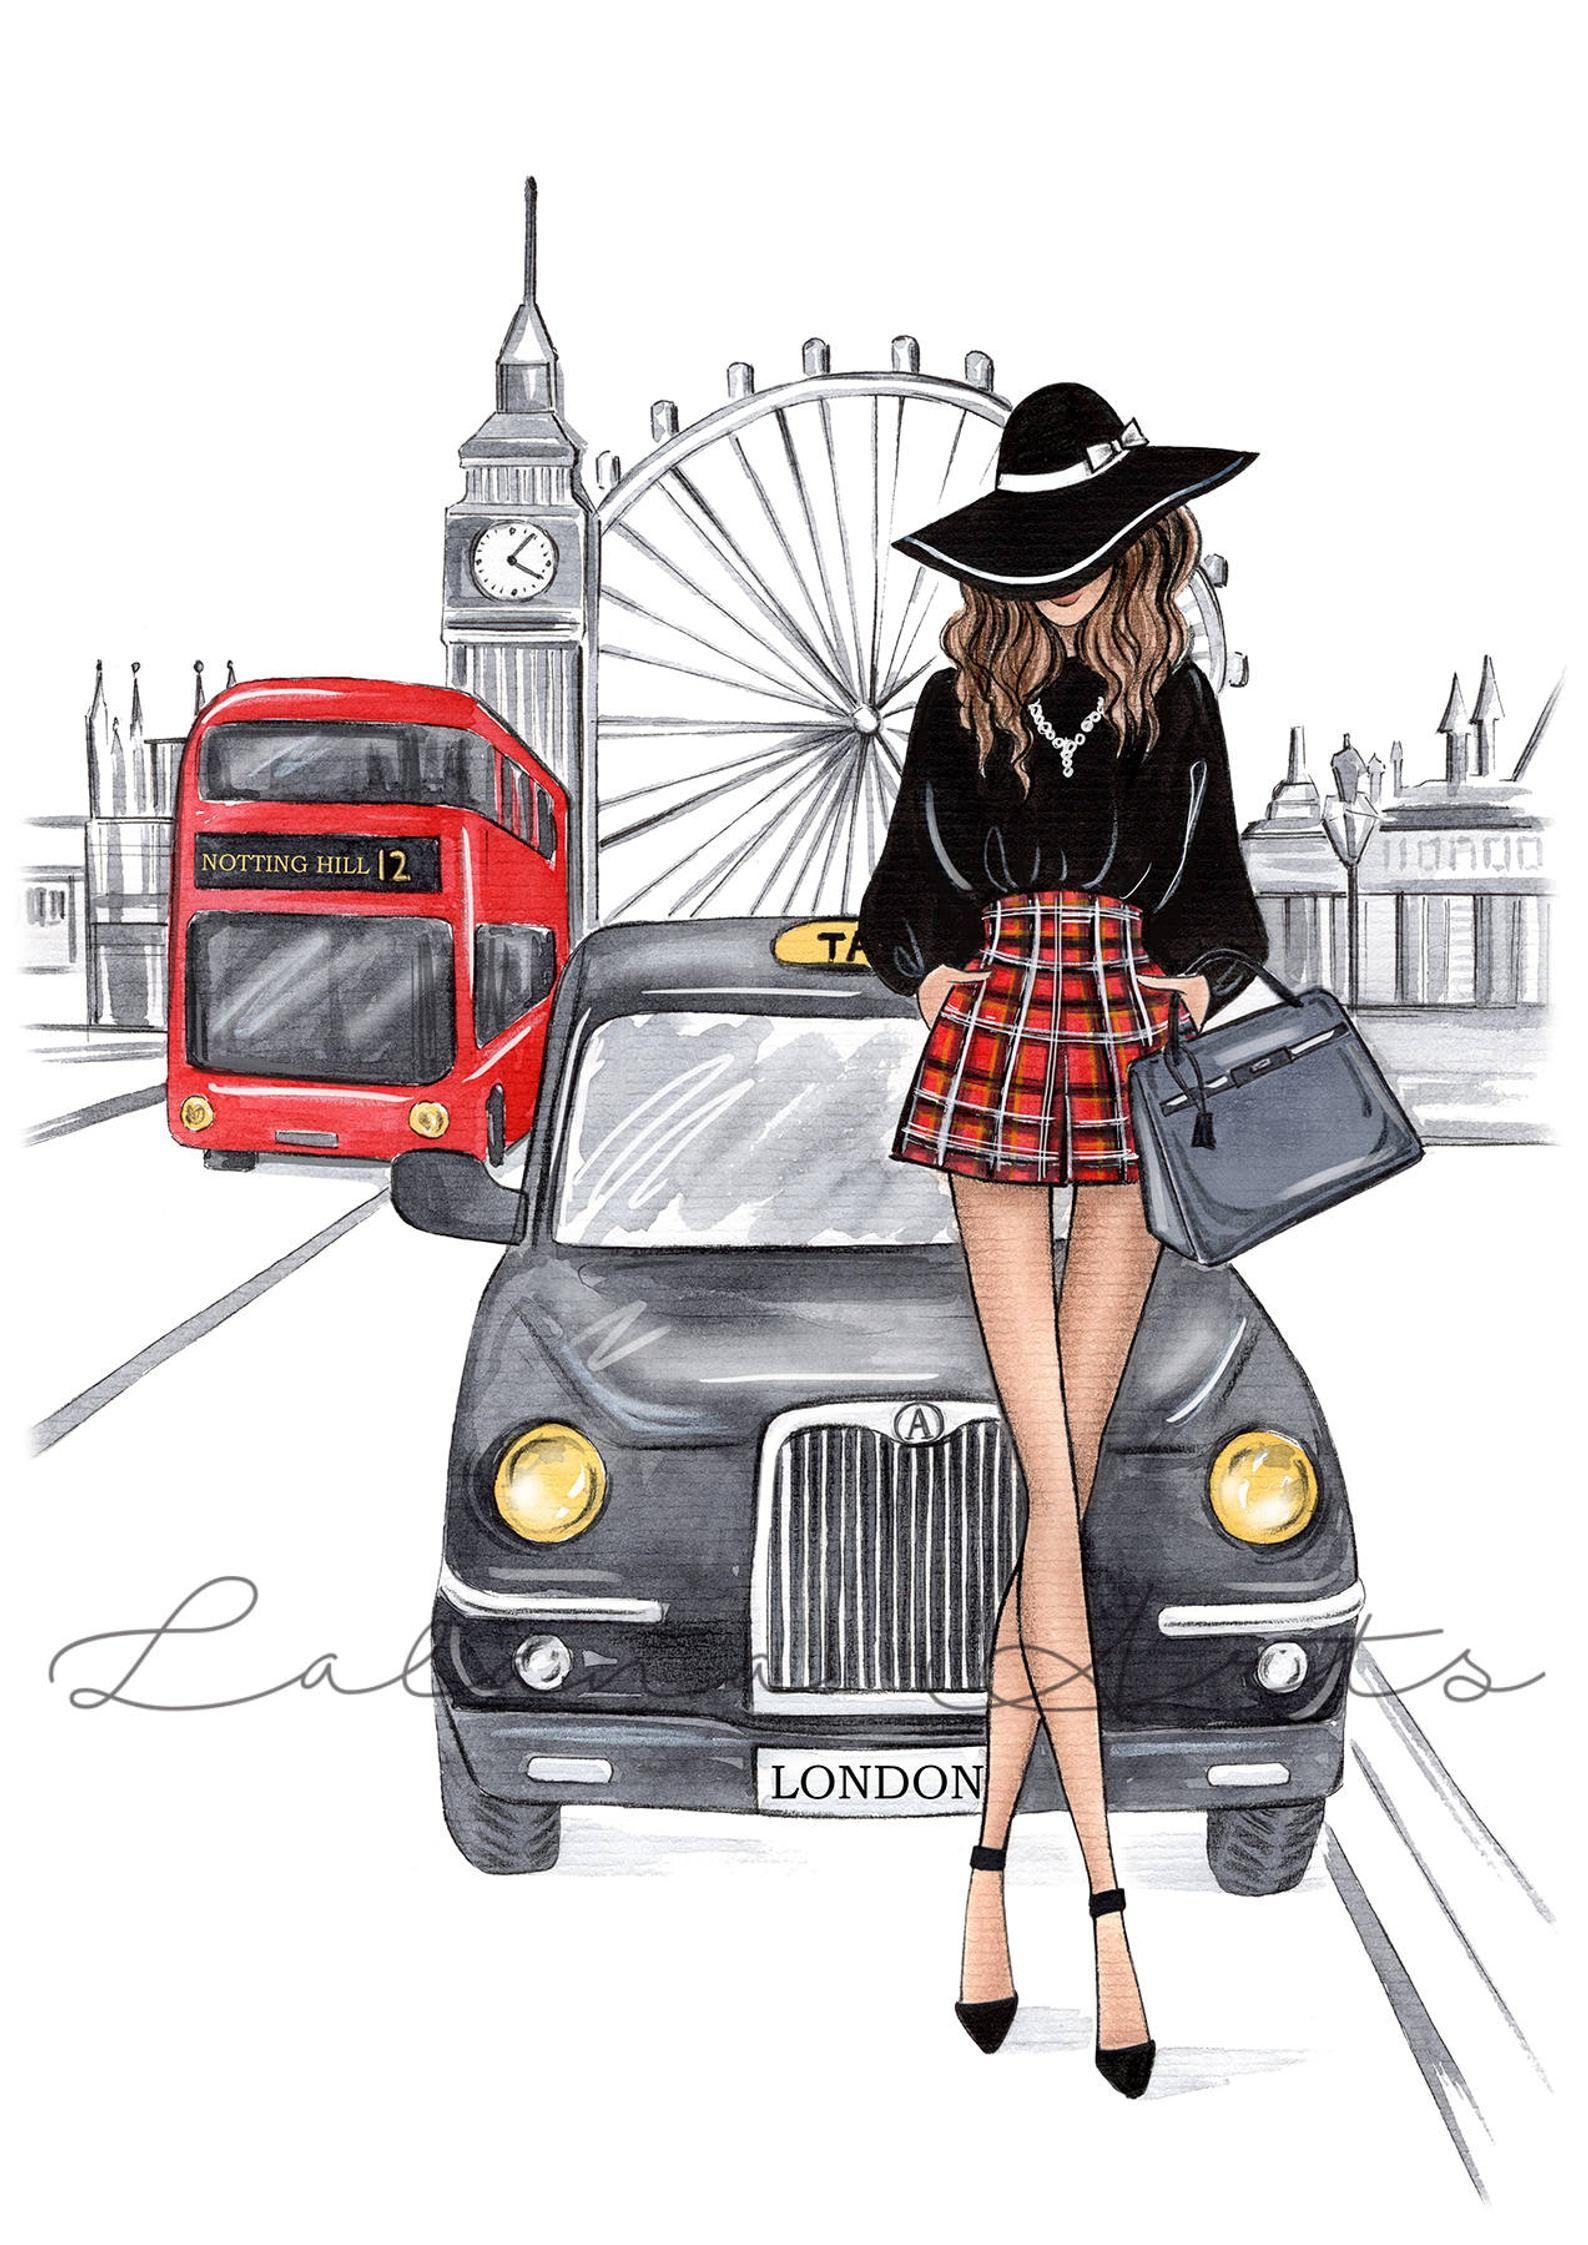 Photo of London-Wand-Kunst London Poster Druck London Druck London Kunstdruck London Plakat London Illustration London Stadt Kunst London Geschenk London Dekor